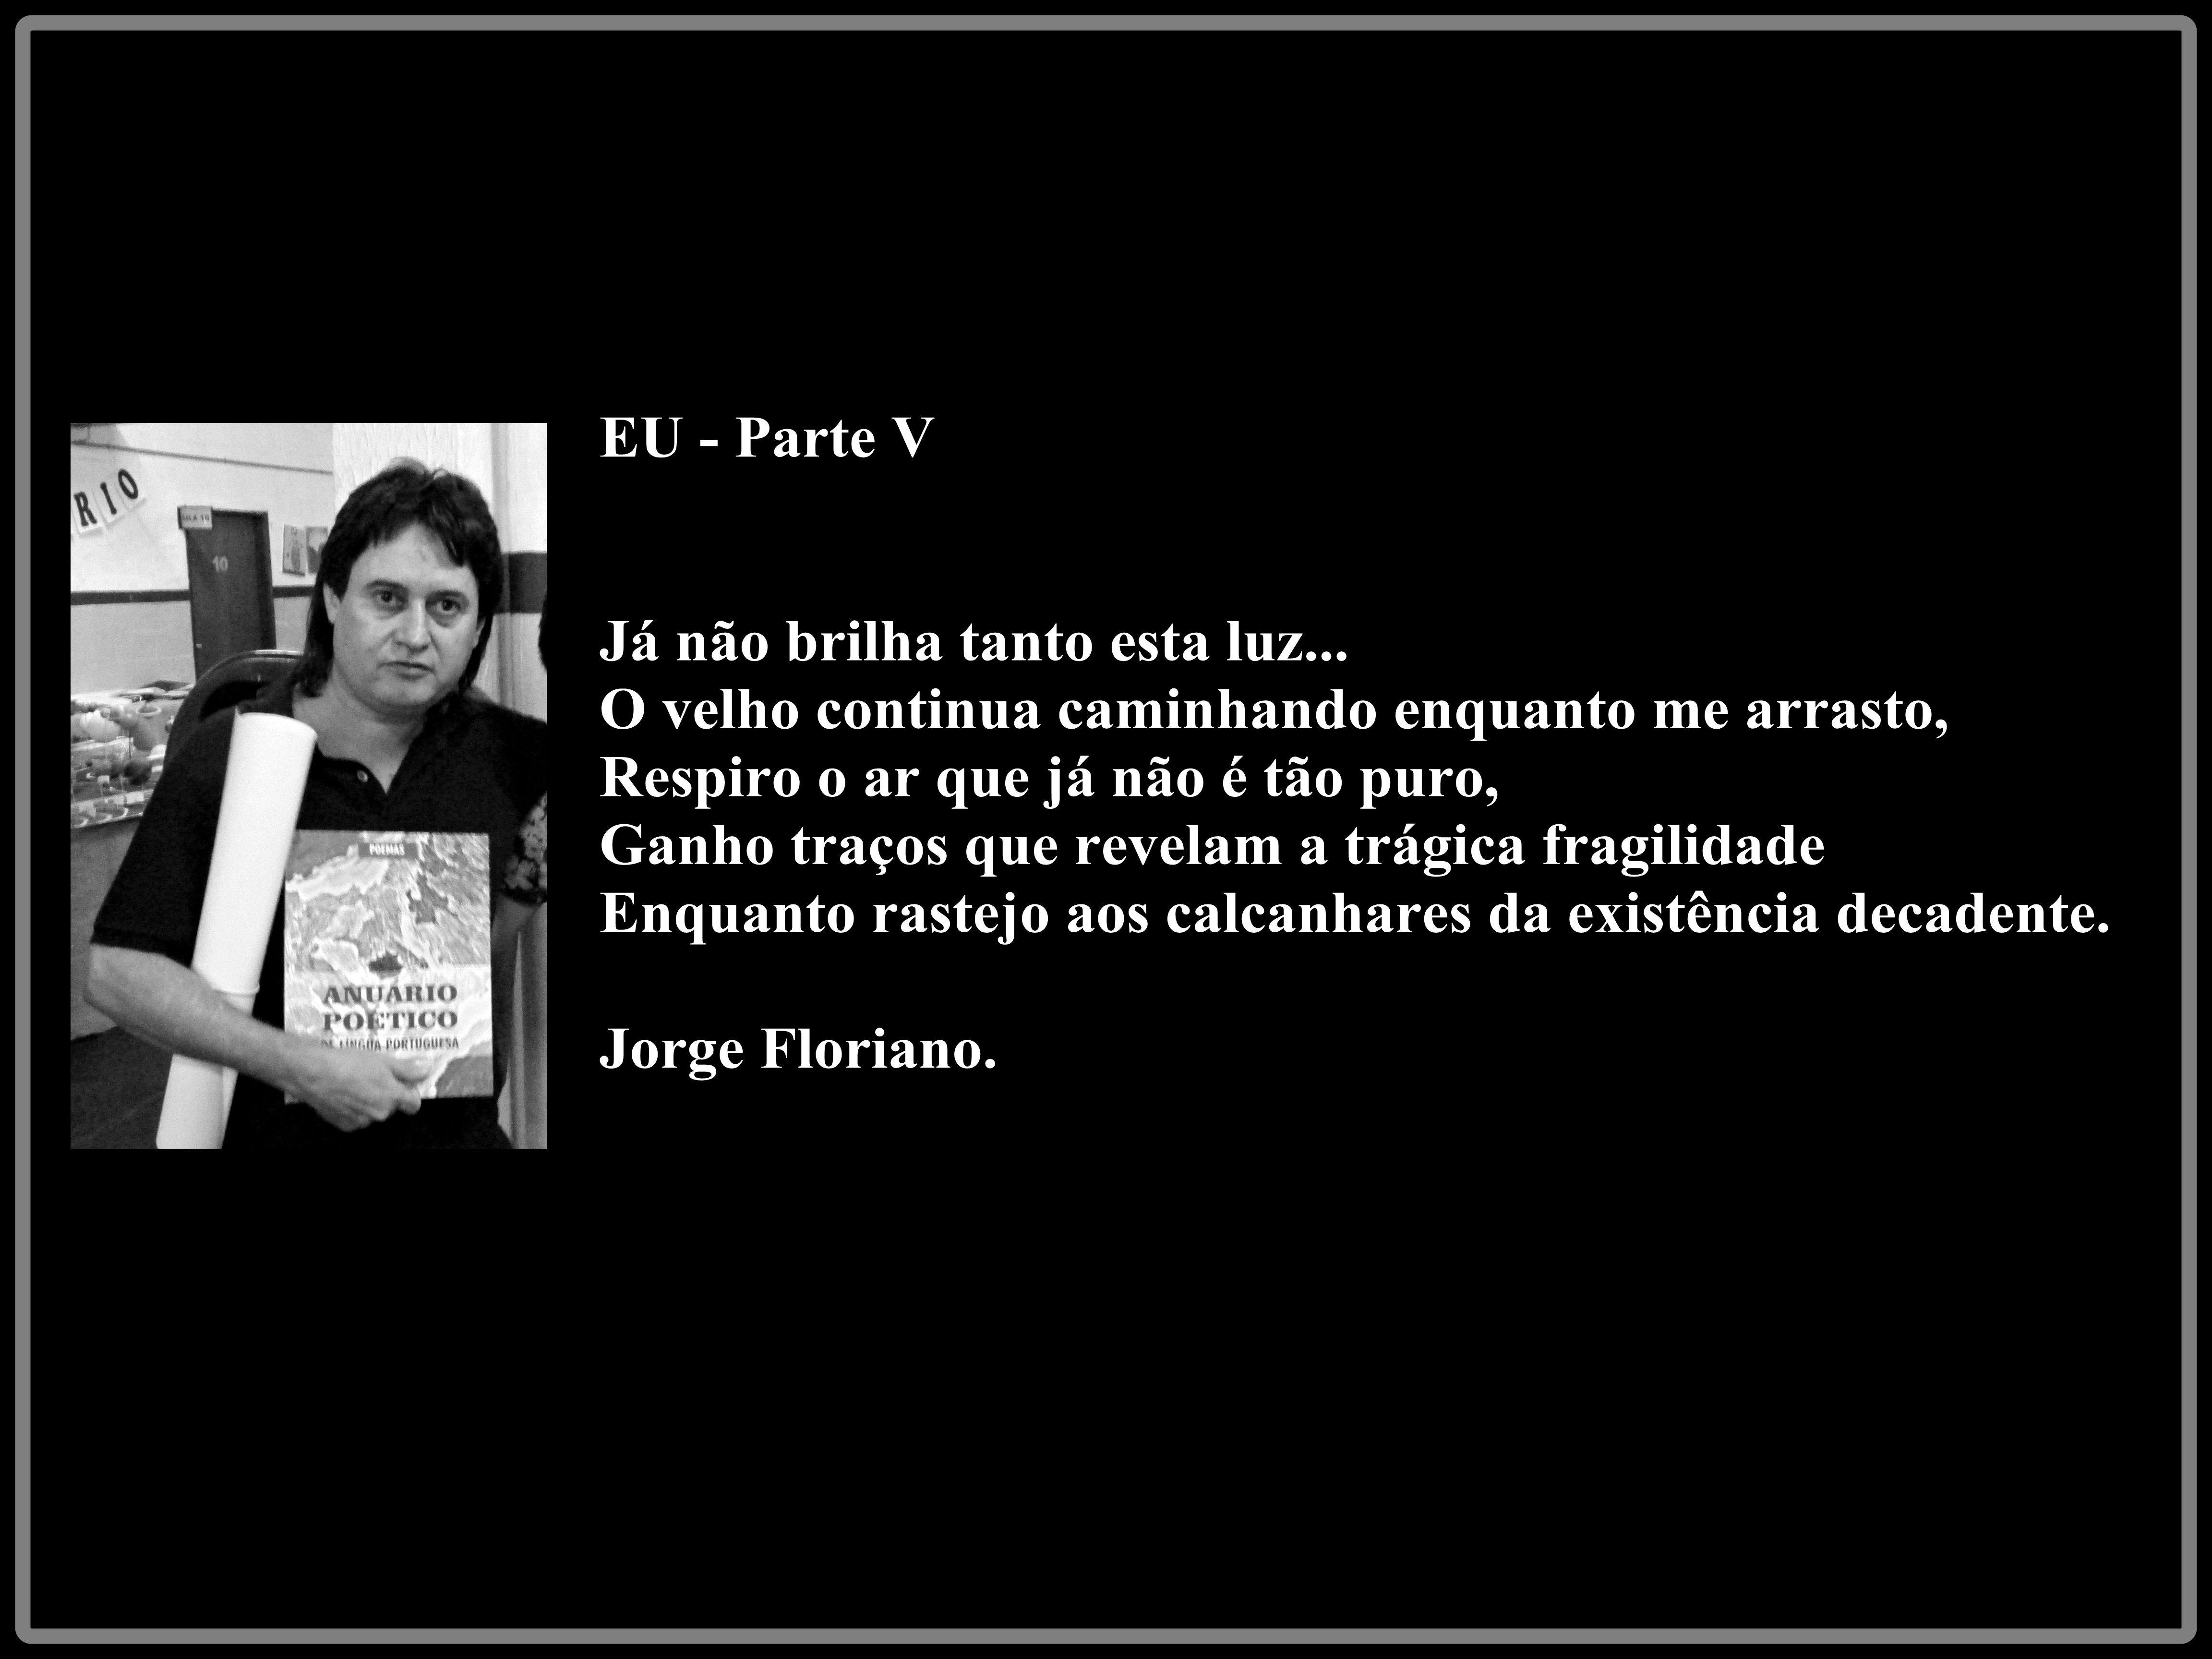 JORGE FLORIANO : EU - PARTE V